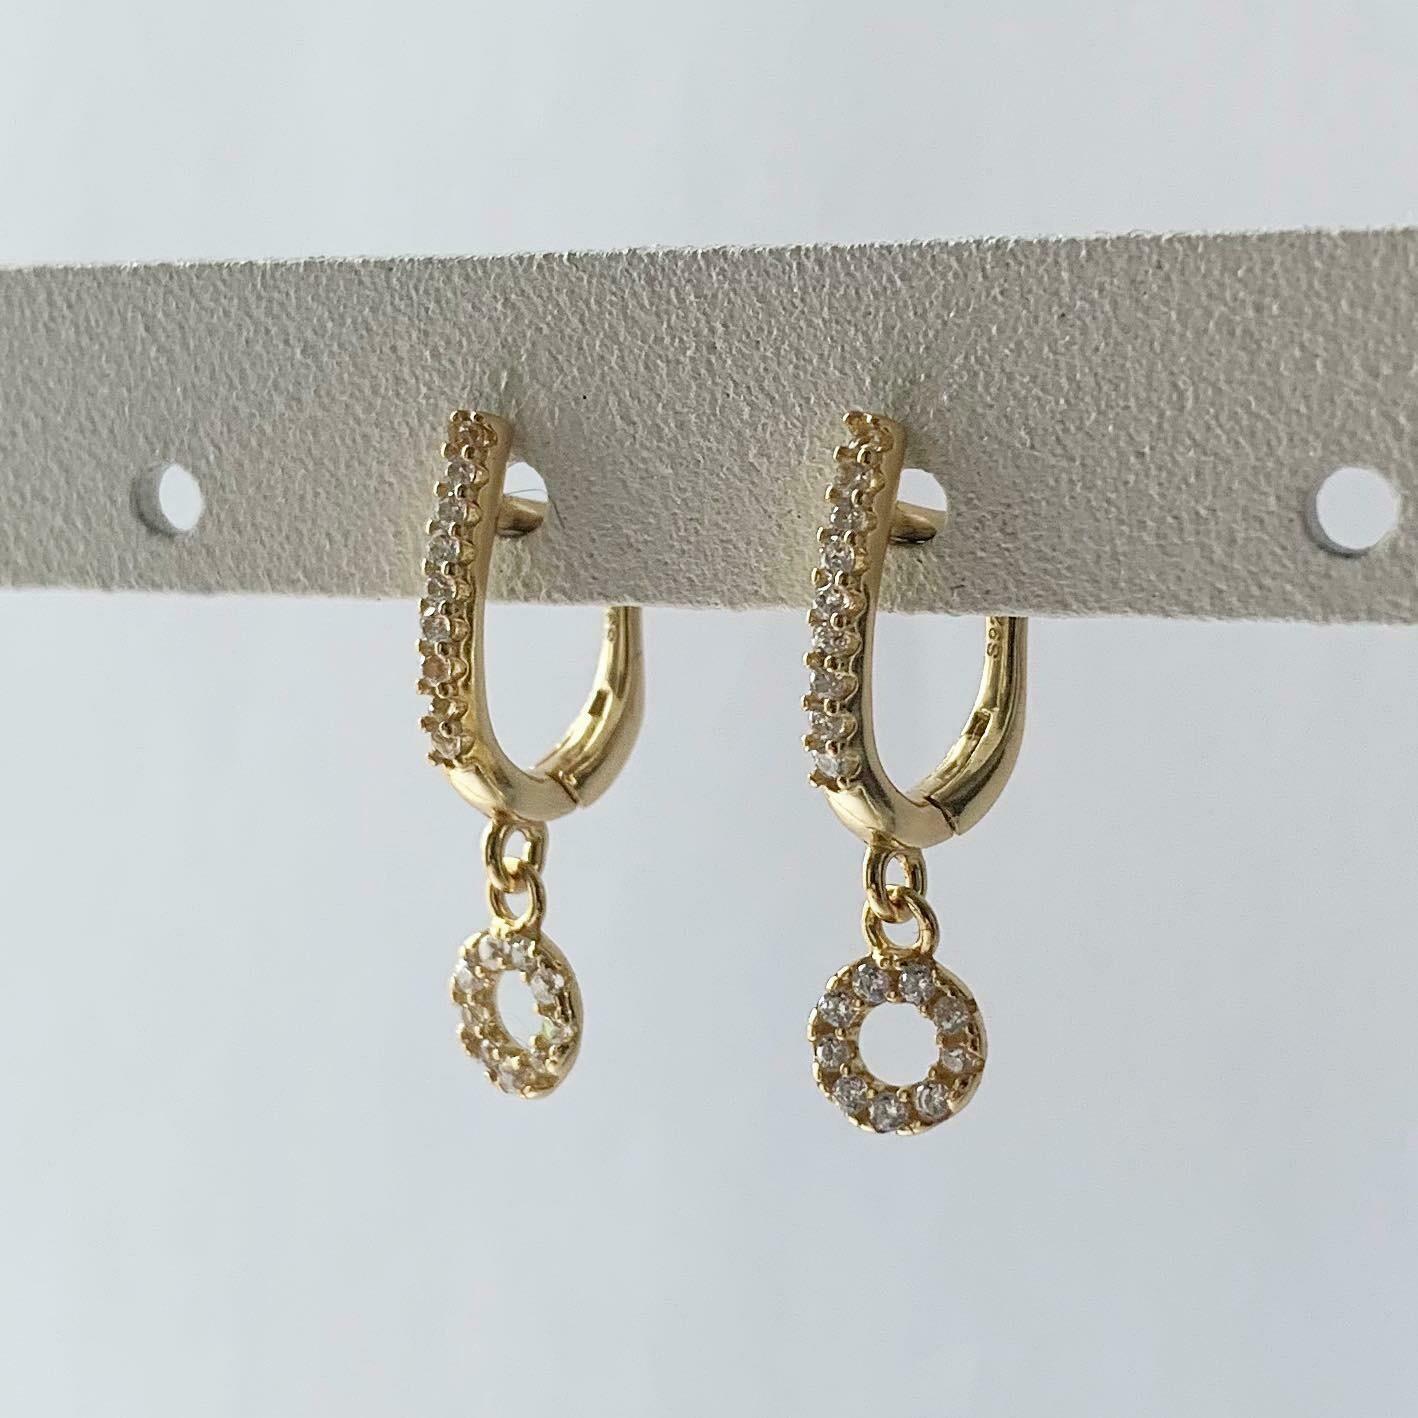 Open coin oorbellen met zirkonia steentjes goud/925 sterling zilver